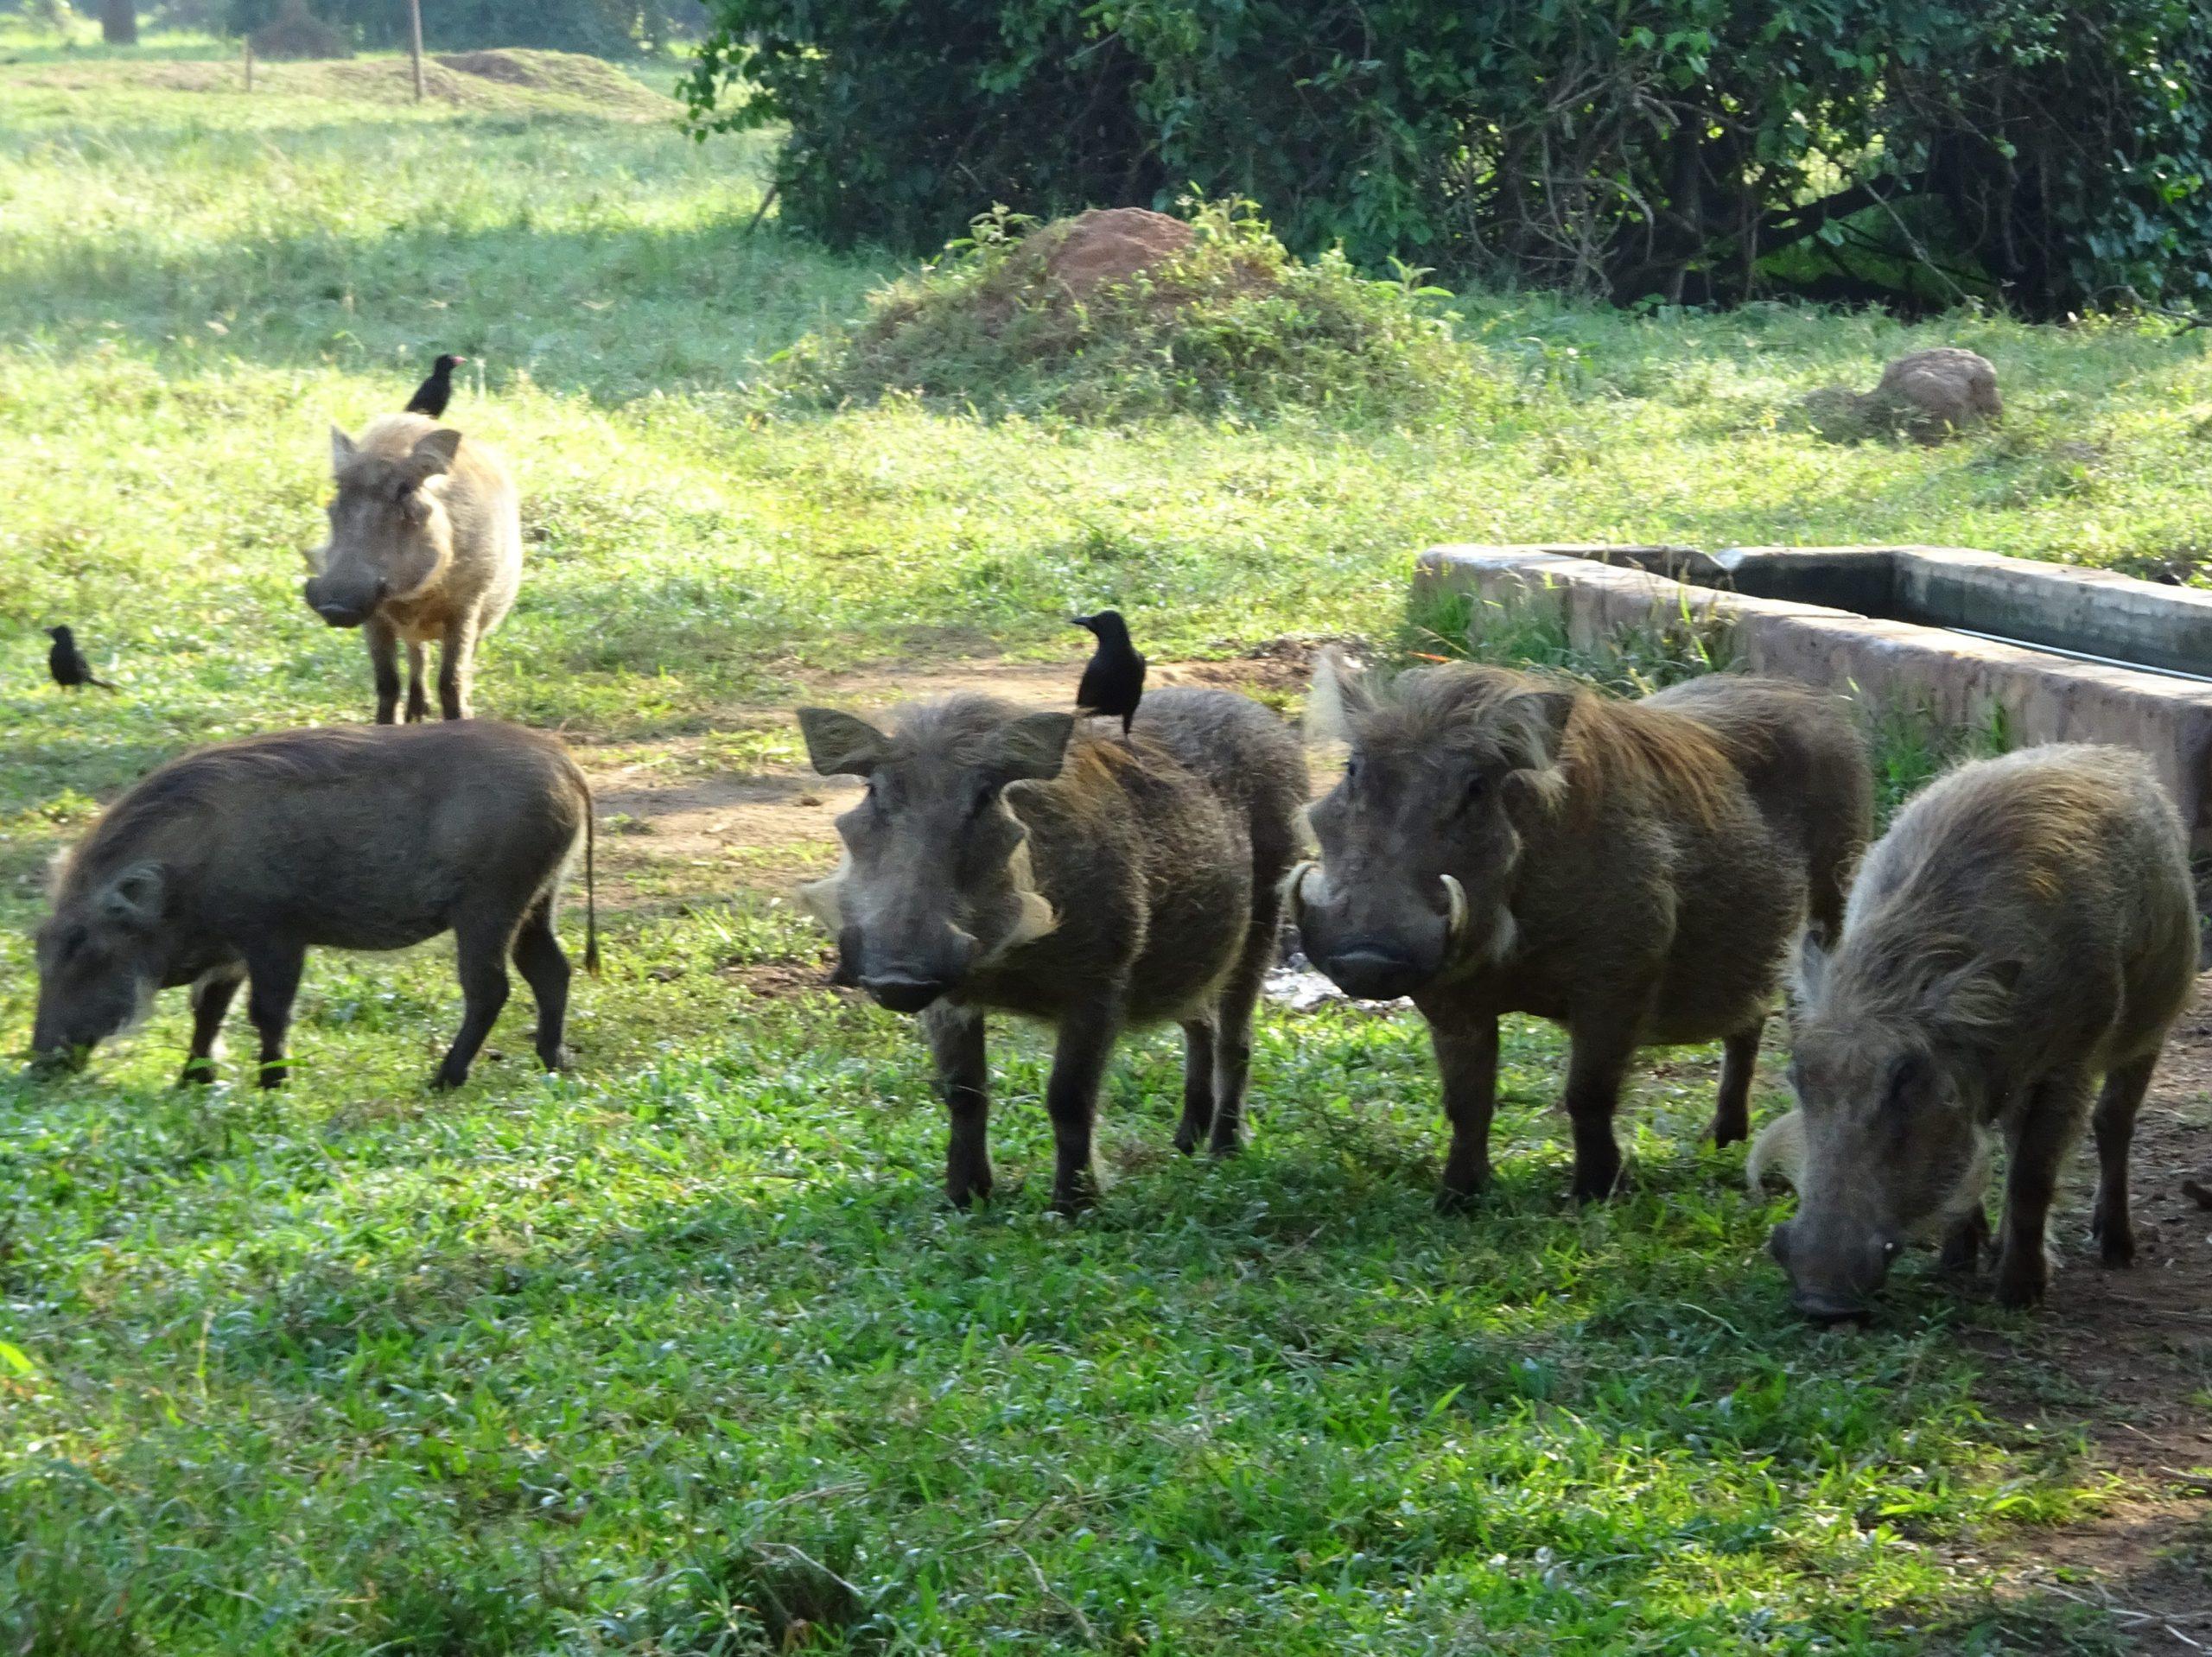 Wrattenzwijnen besluiten ons te volgen op onze wandeling